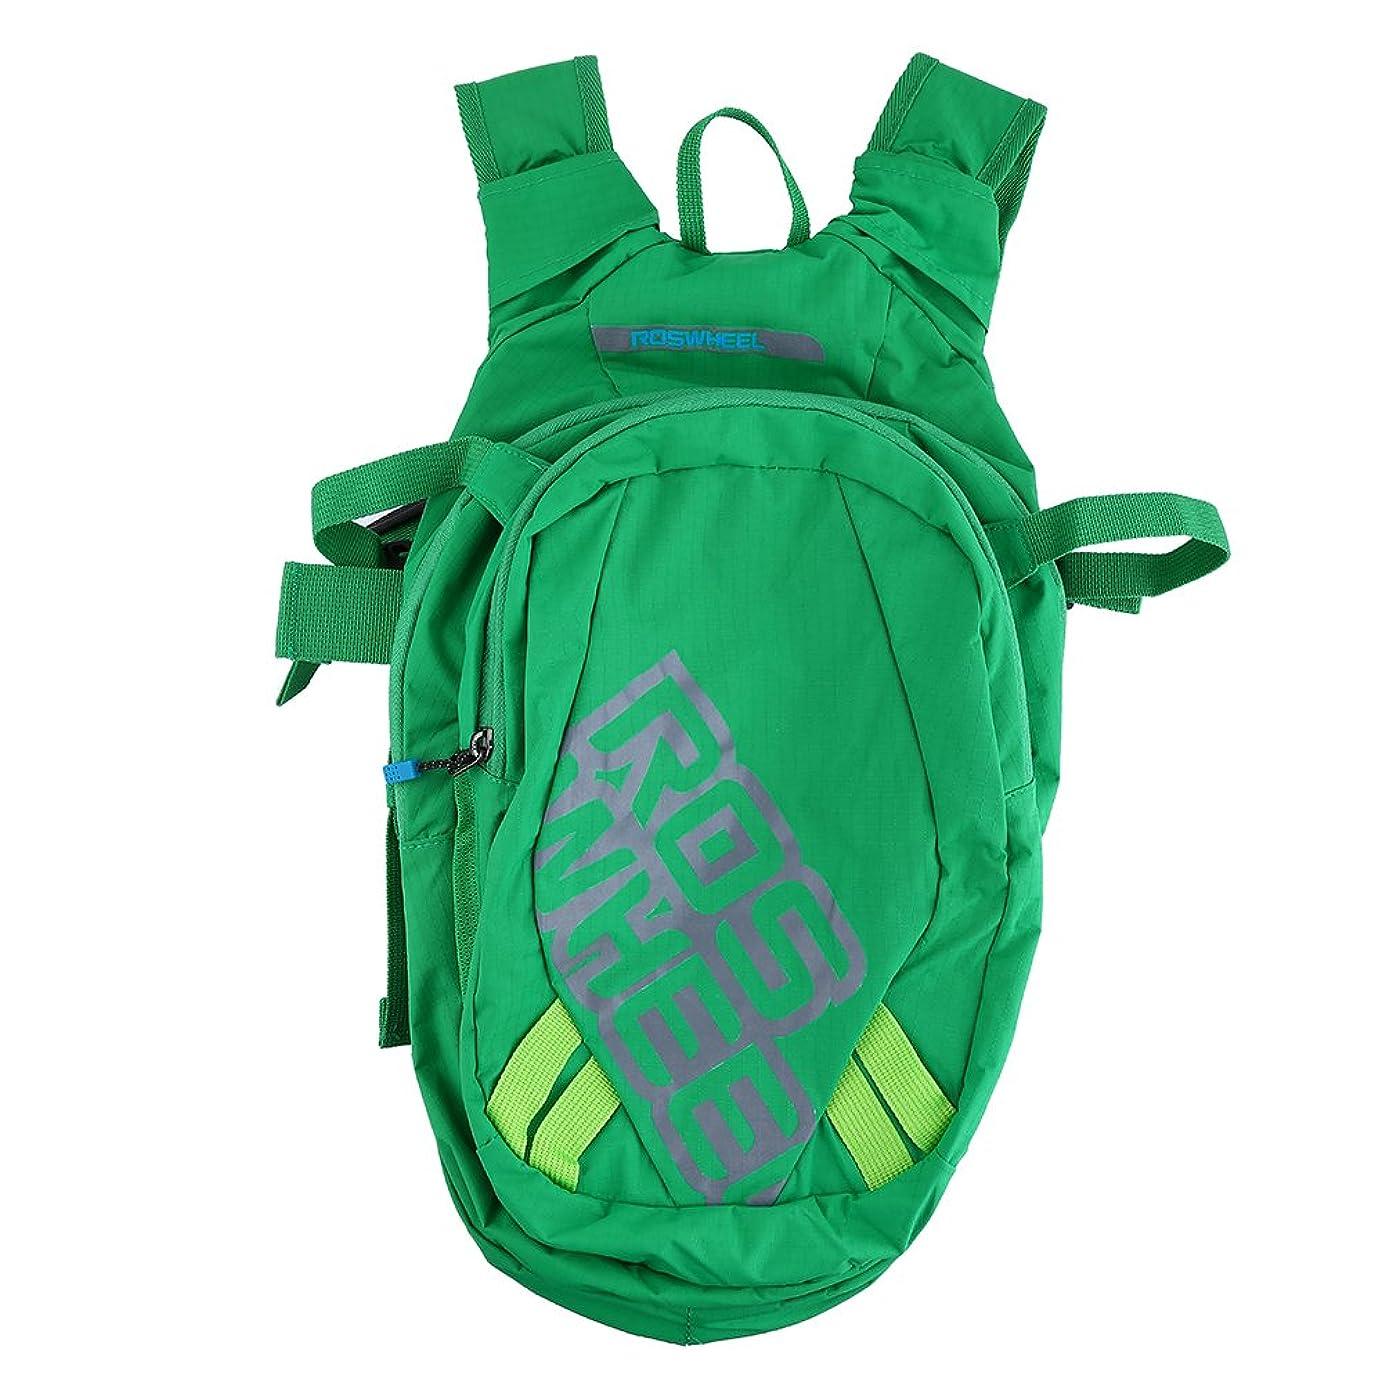 ホームレスペイント地中海8L ハイドレーションバッグ 自転車パック 軽量 多機能 サイクリングウォーターバッグ 水分補給 サイクリング/ランニング/ハイキングに適用 2色